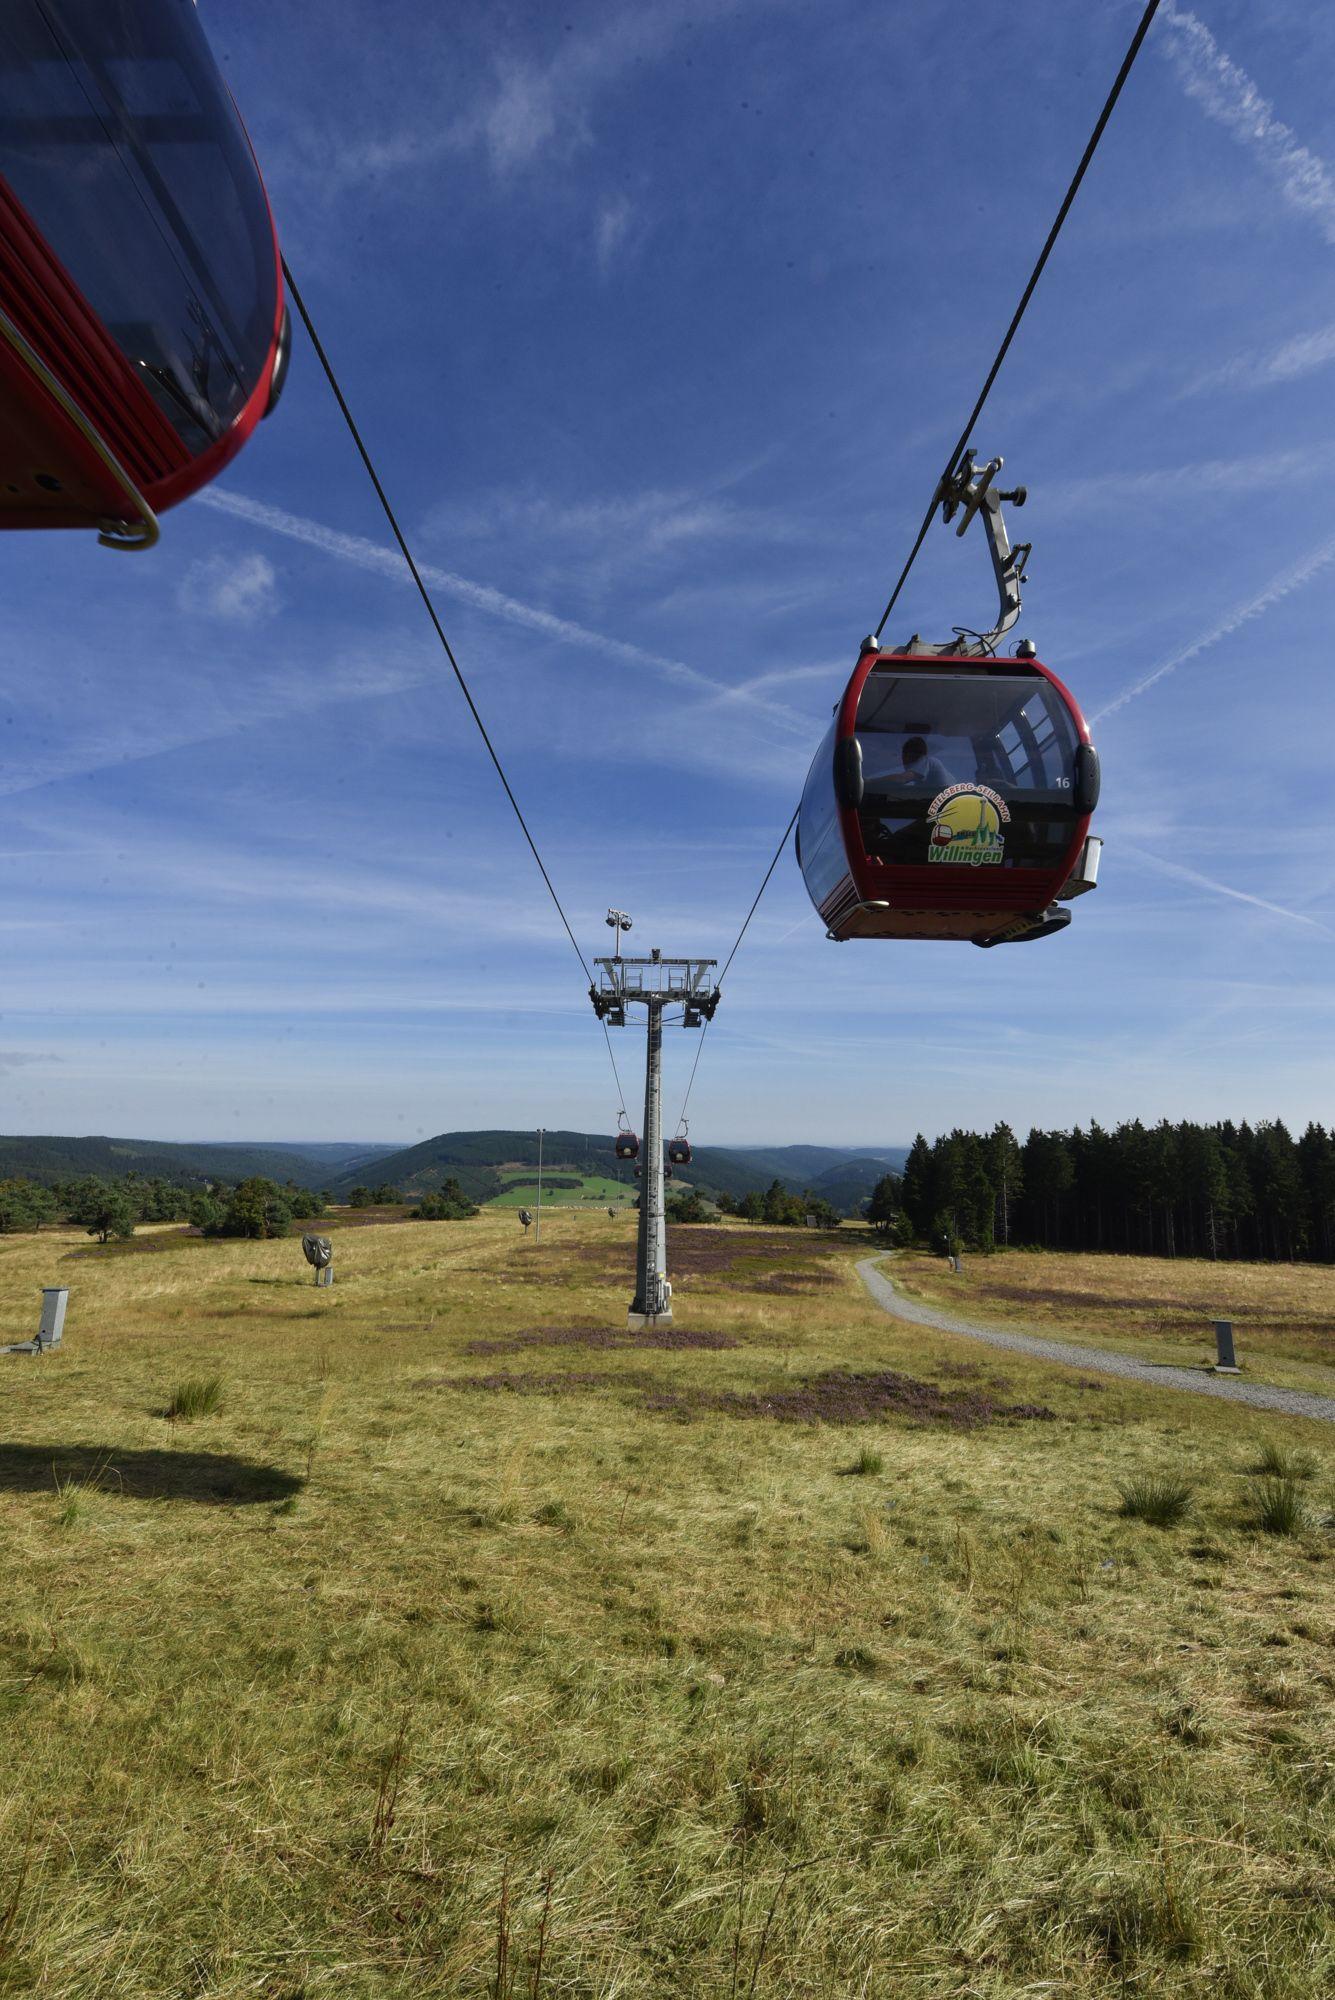 Marienkäferbahn Ladybug Themepark FORT FUN Abenteuerland Bestwig Sauerland Sauerland Germany Pinterest